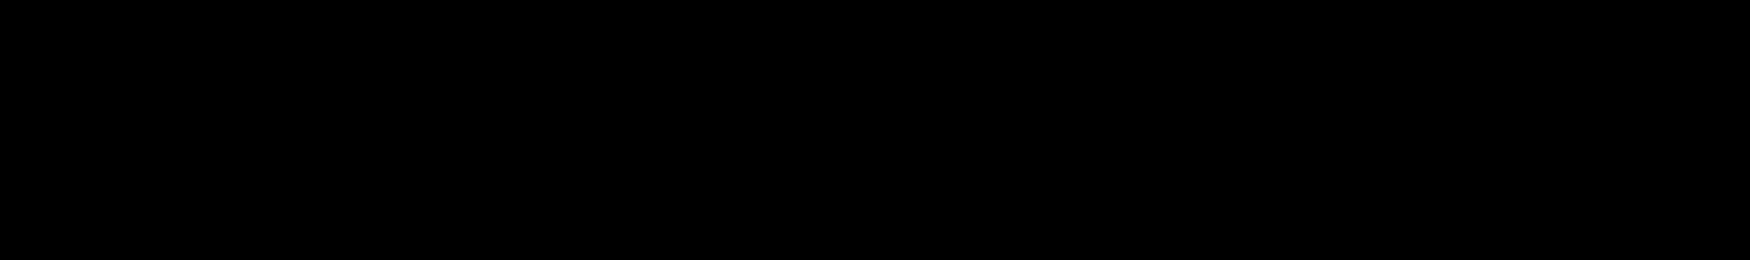 morganstanley_logo